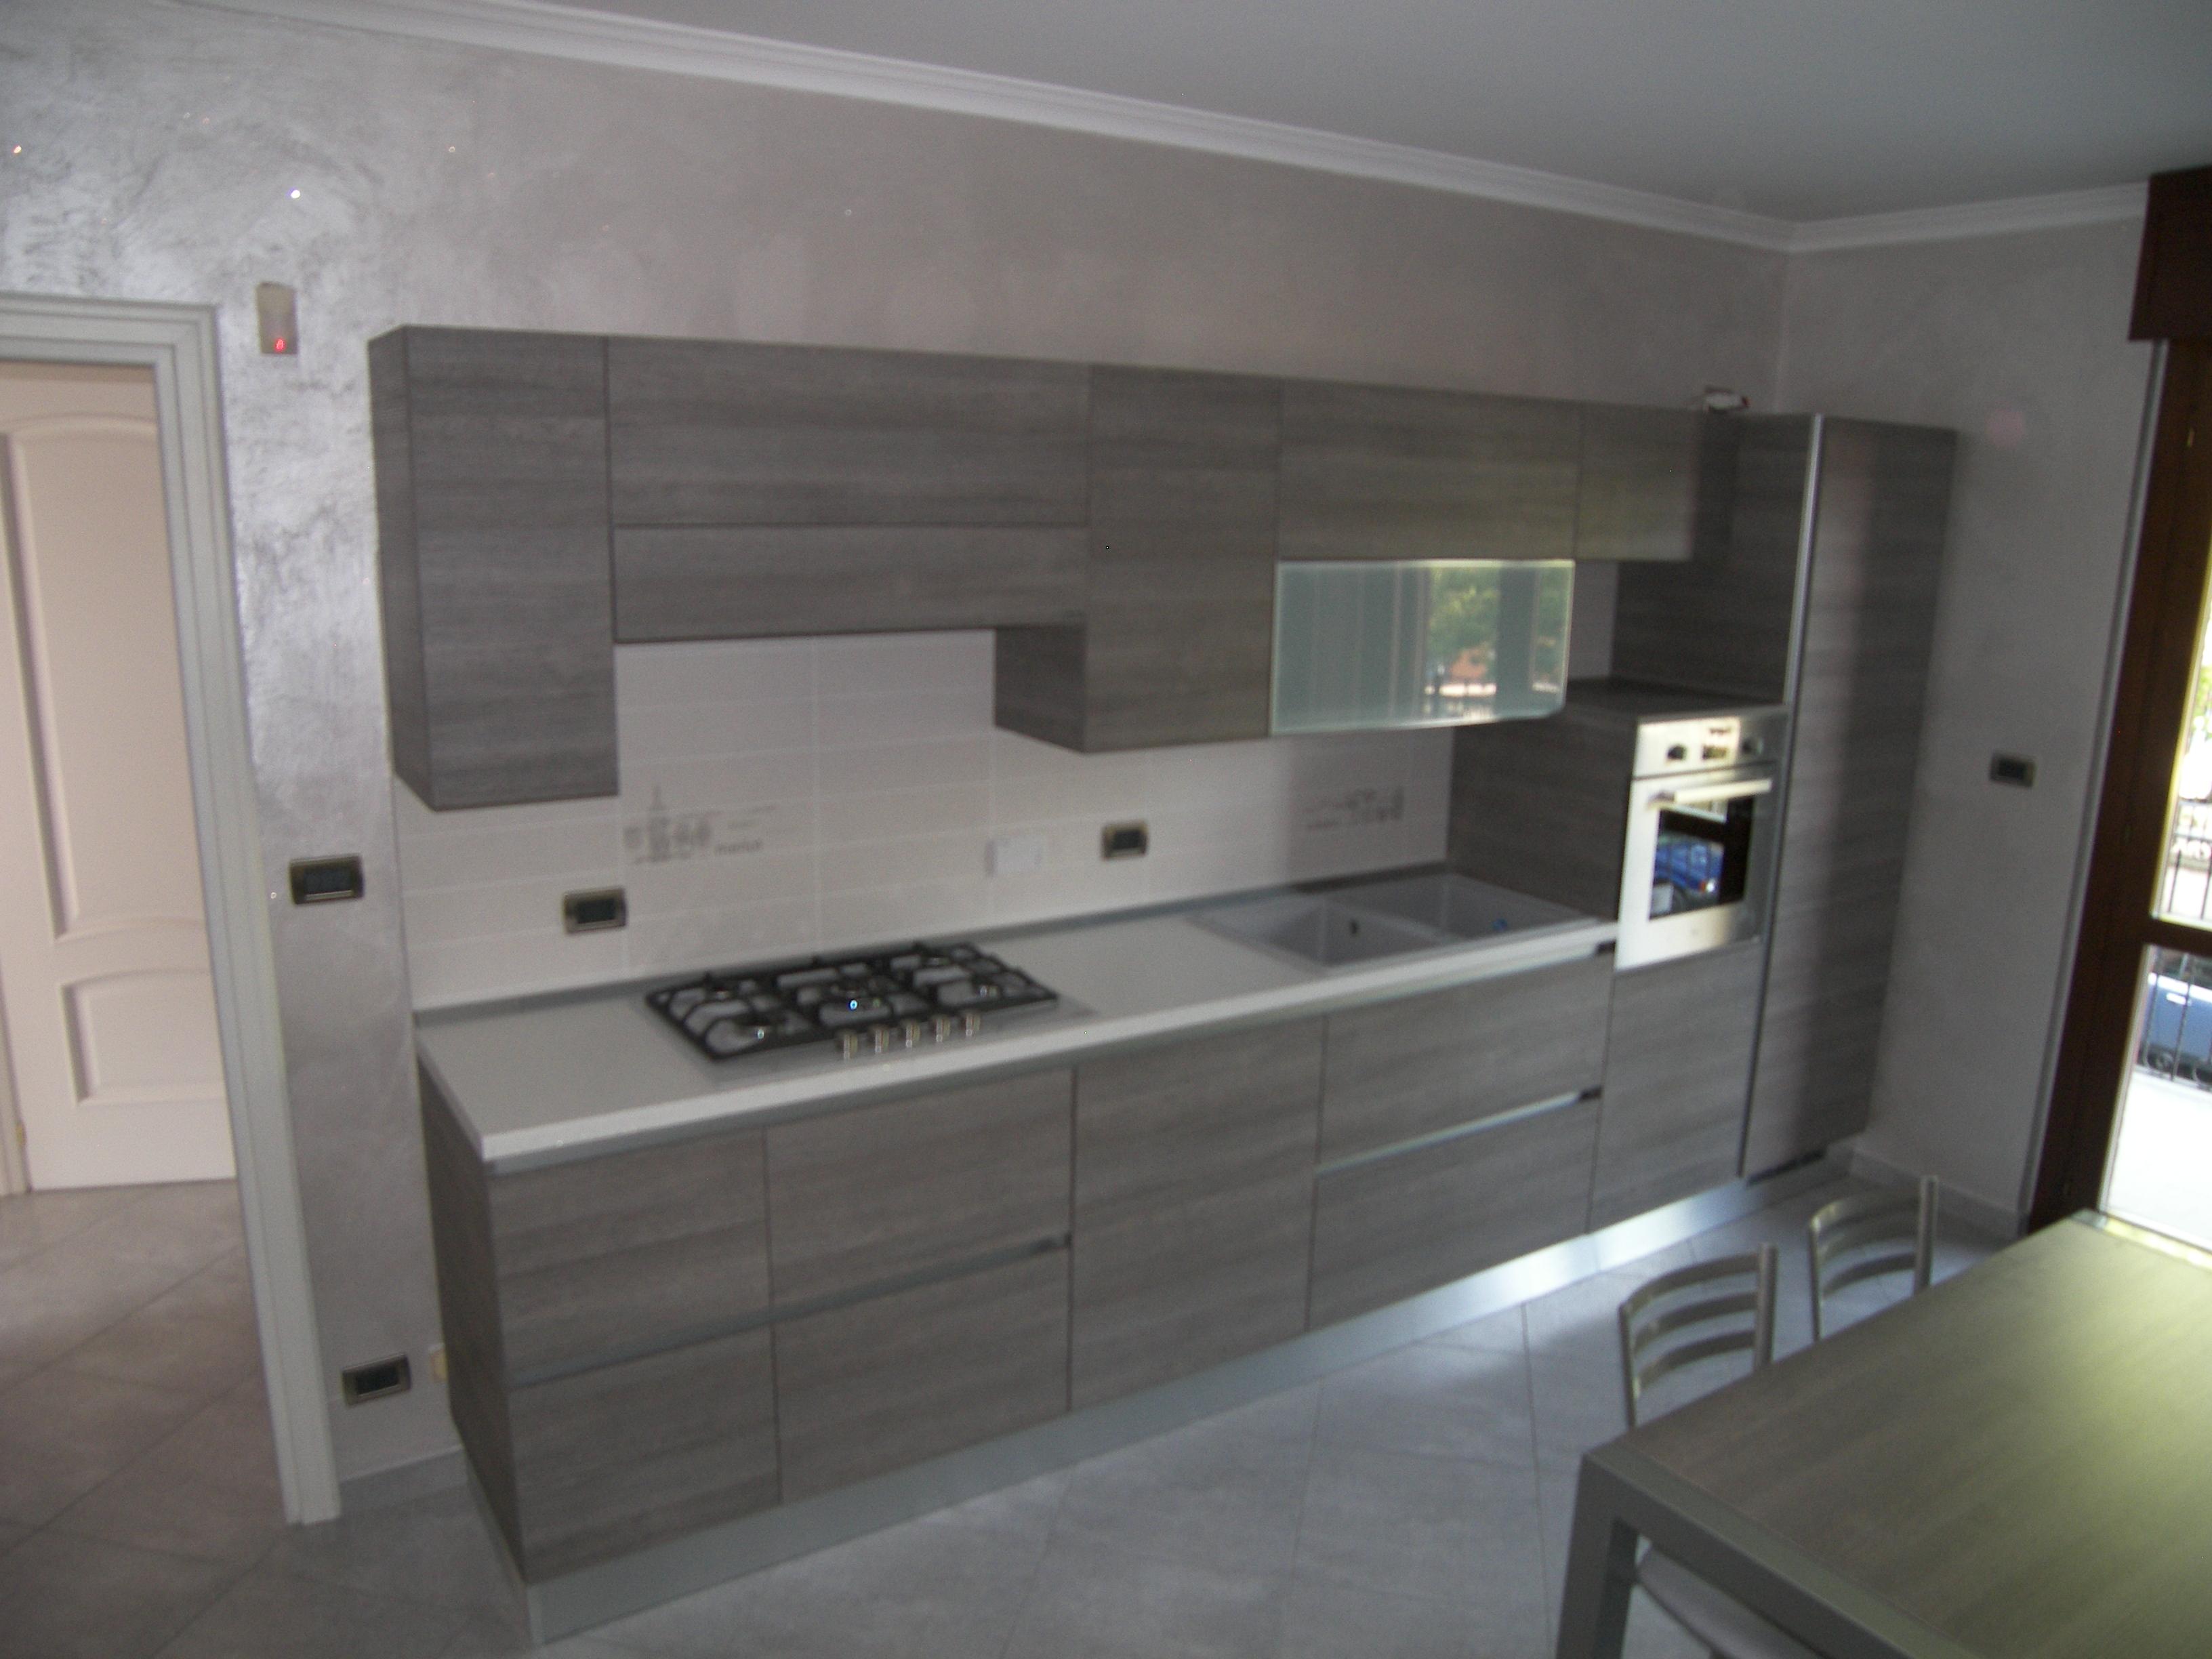 Cucine Arredamento Piemonte.San Gaetano Arredamenti Mobilifici Torino Mobili Torino